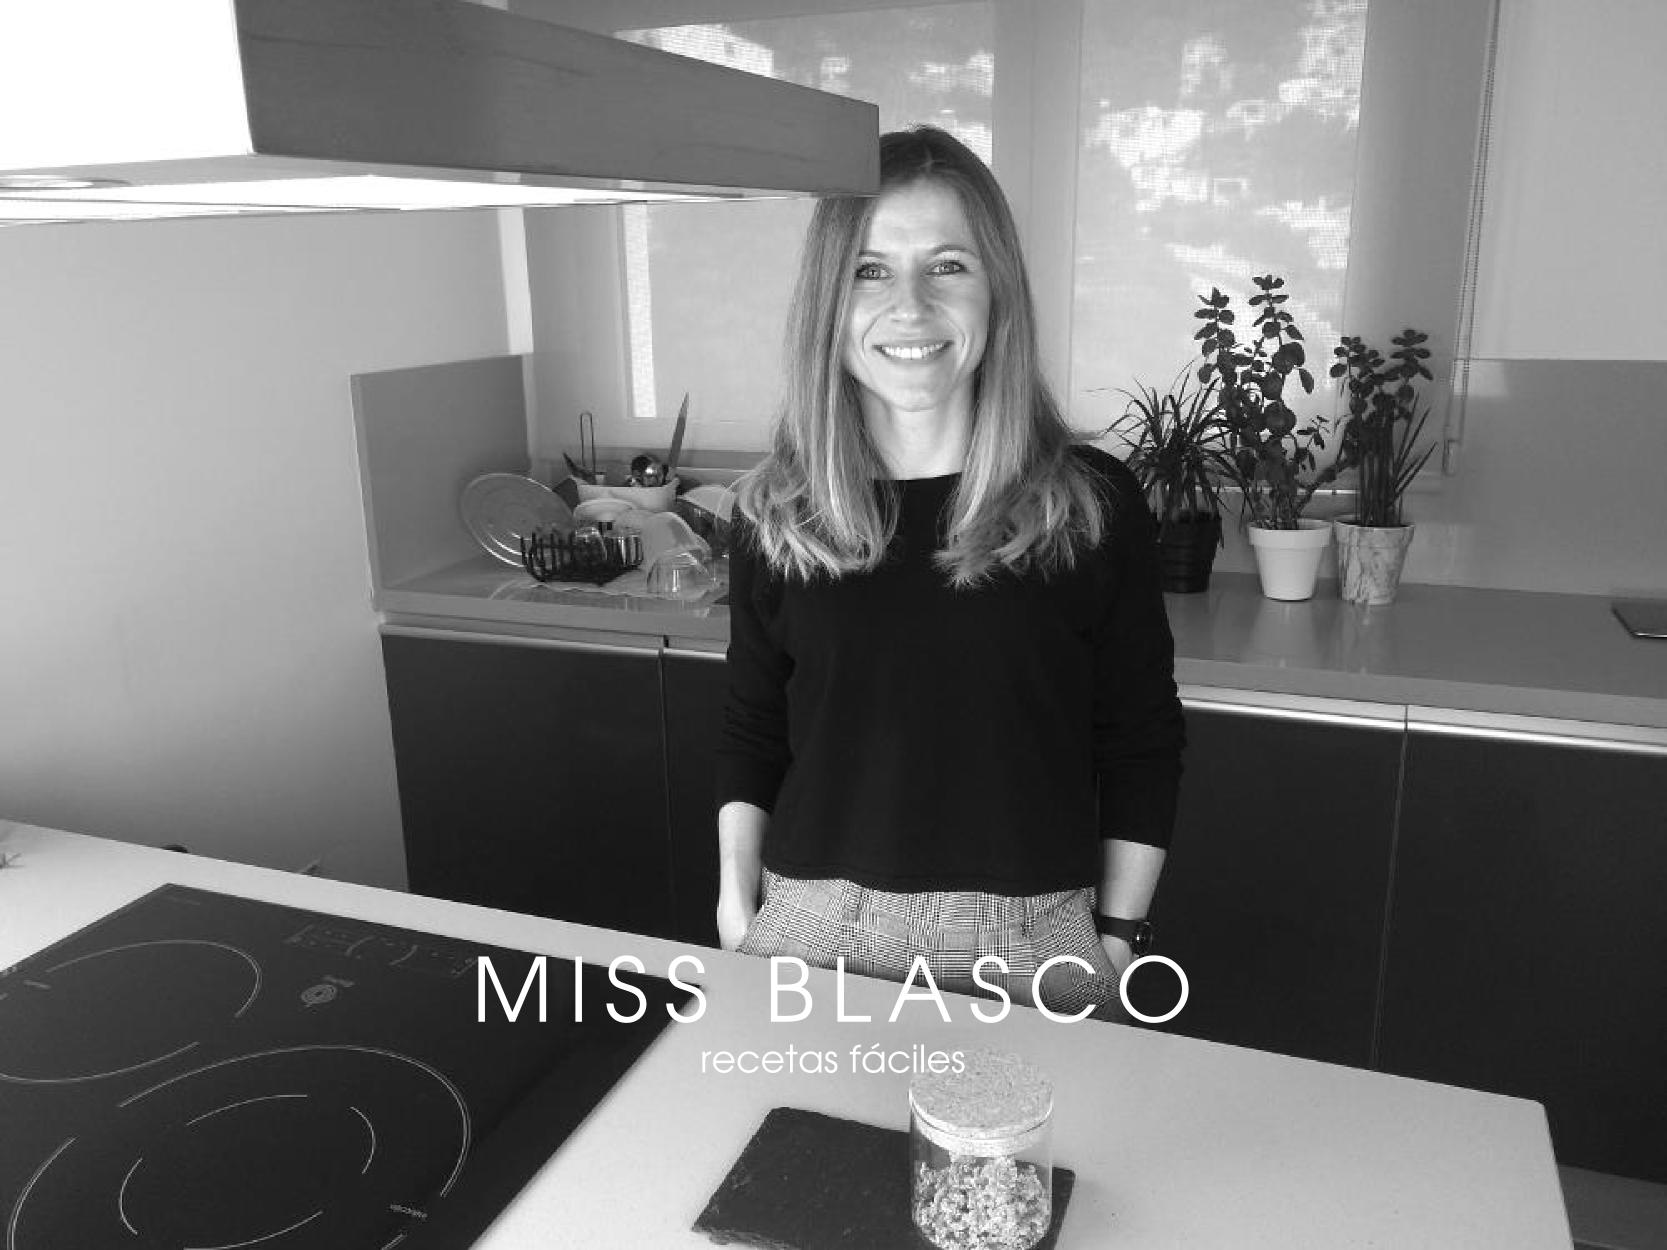 Miss Blasco